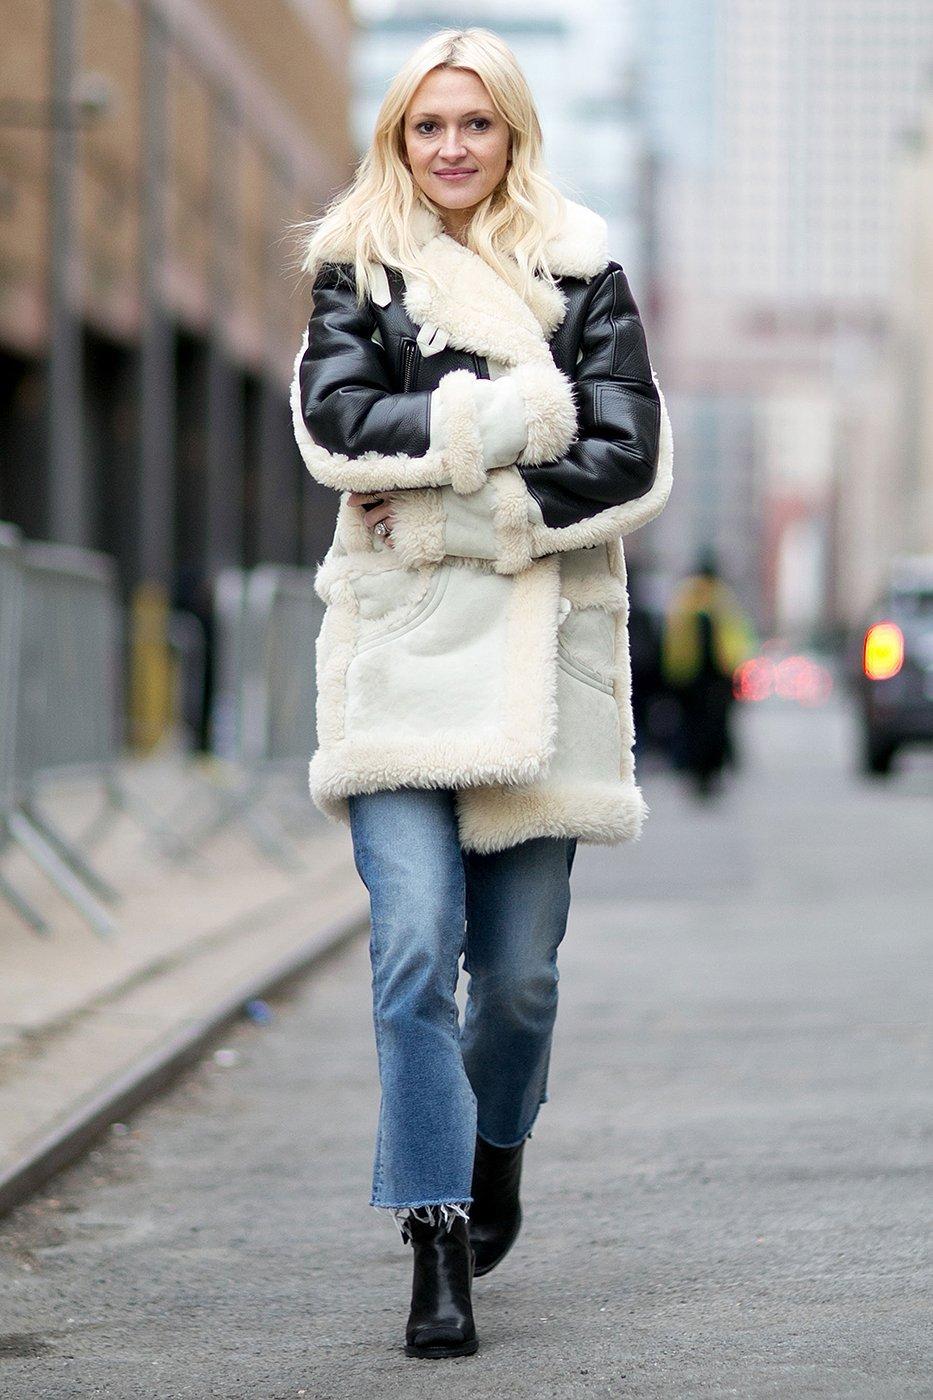 Не подшитые модные джинсы 2017 с черно-белой дубленкой и ботильонами - фото новинки уличной моды